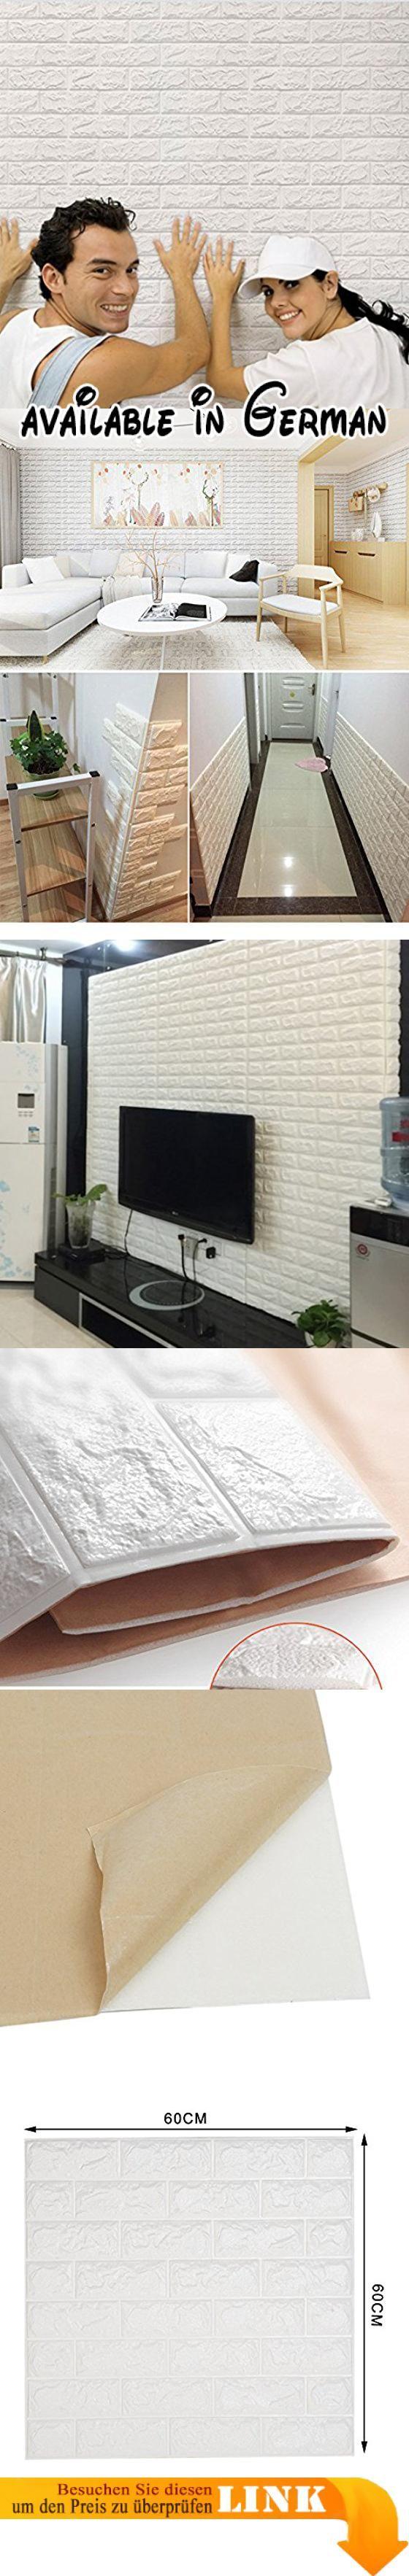 Die besten 25 tapete steinoptik 3d ideen auf pinterest steinoptik wand fototapete steinoptik - 3d wandpaneele schlafzimmer ...